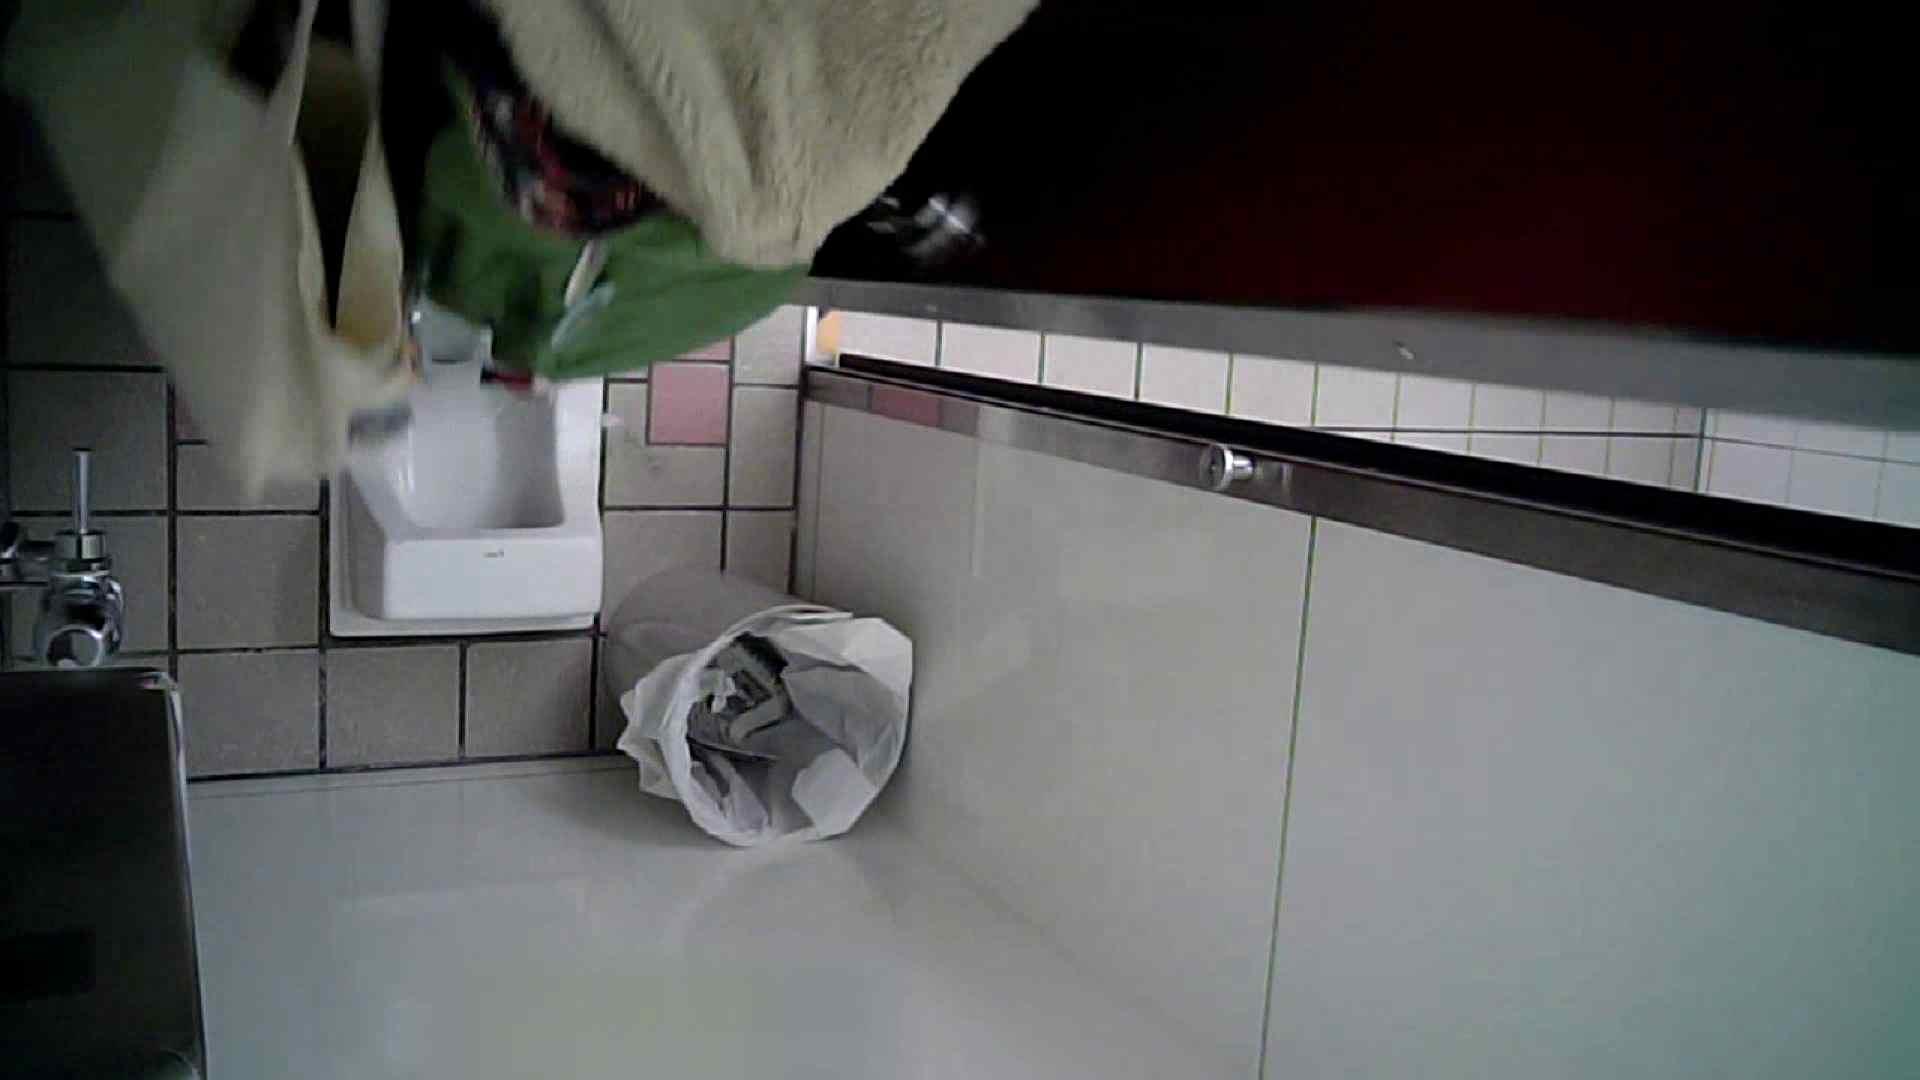 痴態洗面所 Vol.02 マスクが邪魔なんですよ。マスクが・・・。 洗面所  110Pix 14